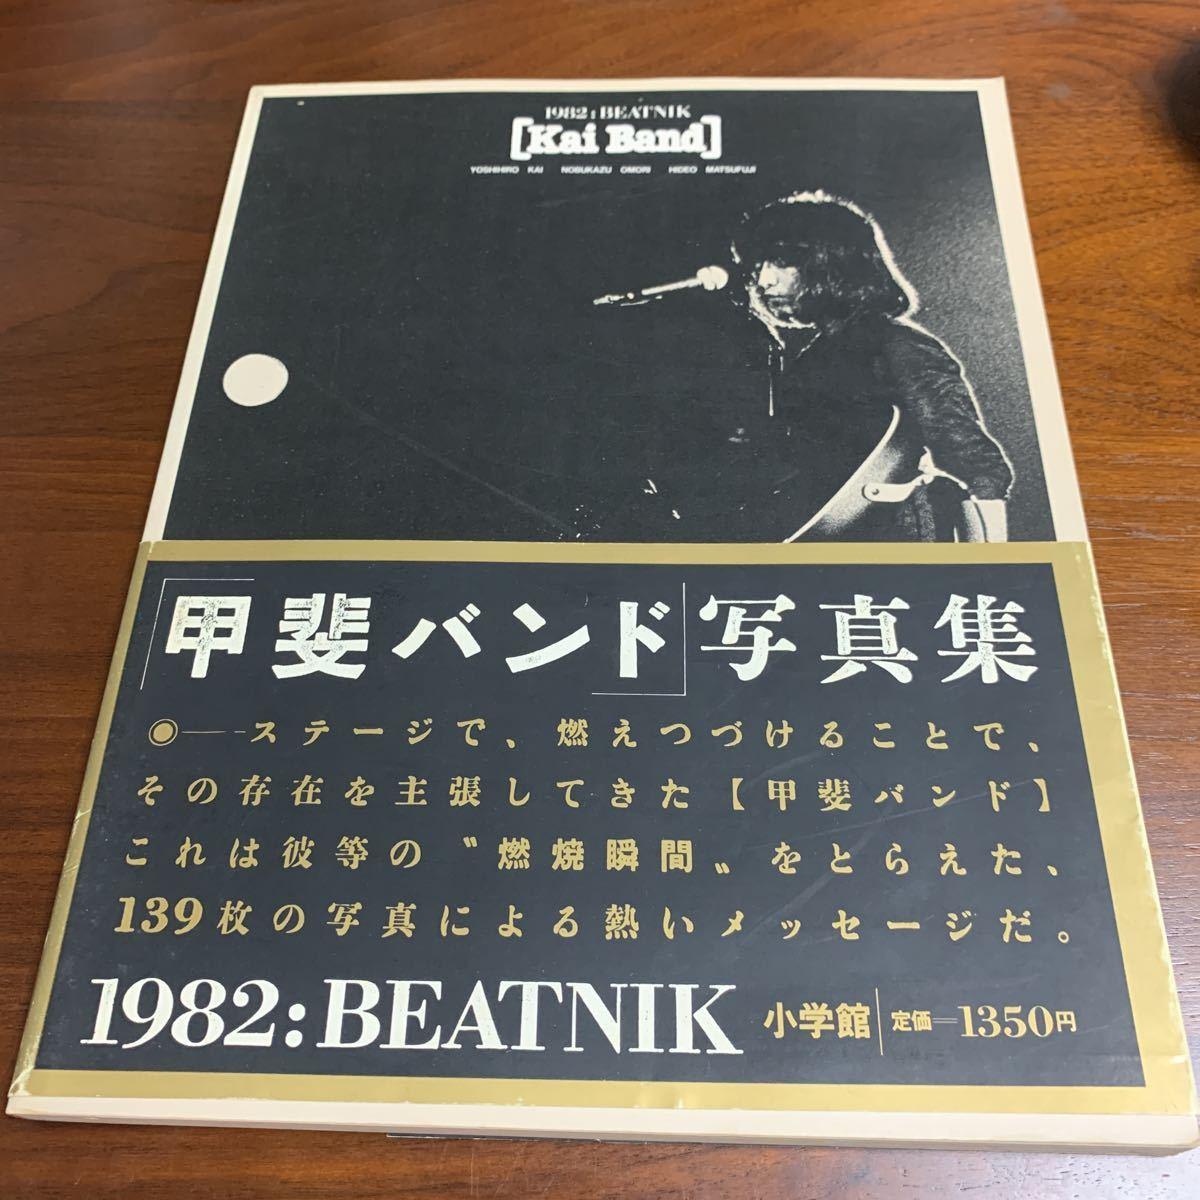 甲斐バンド★写真集『1982beatnik』kaiband甲斐よしひろ送料185円